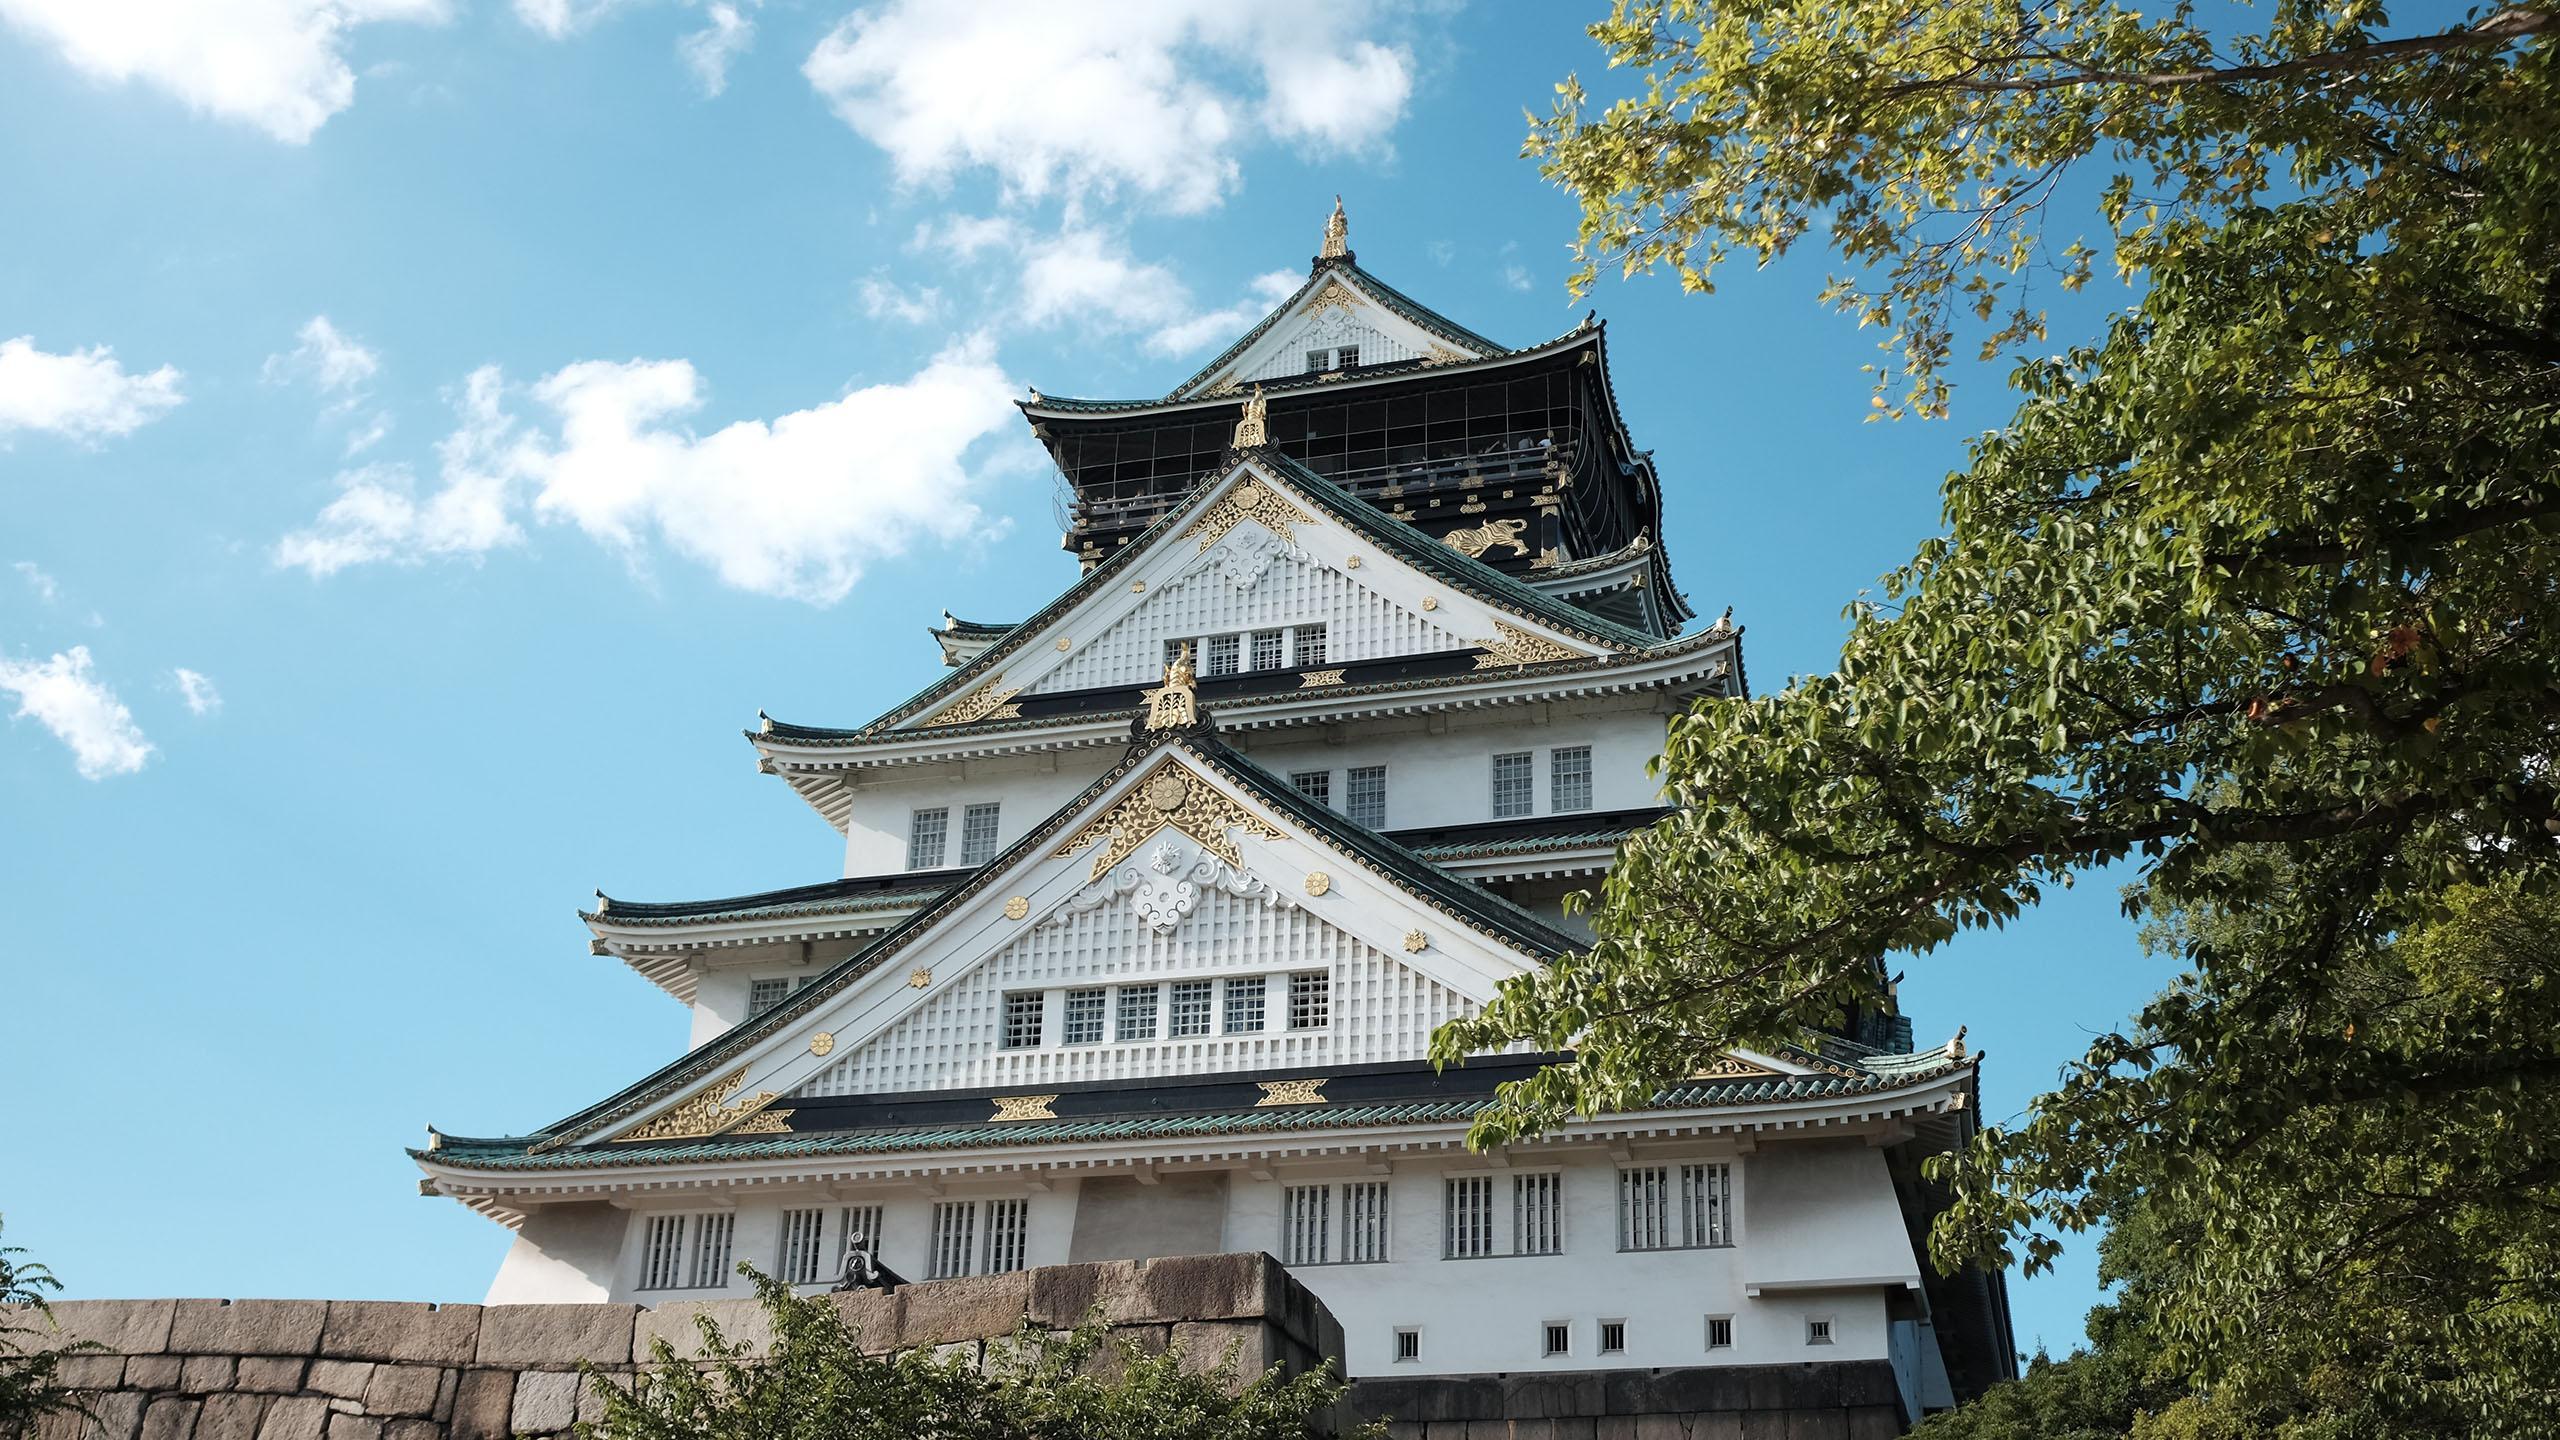 日本古典建筑摄影图片高清宽屏壁纸